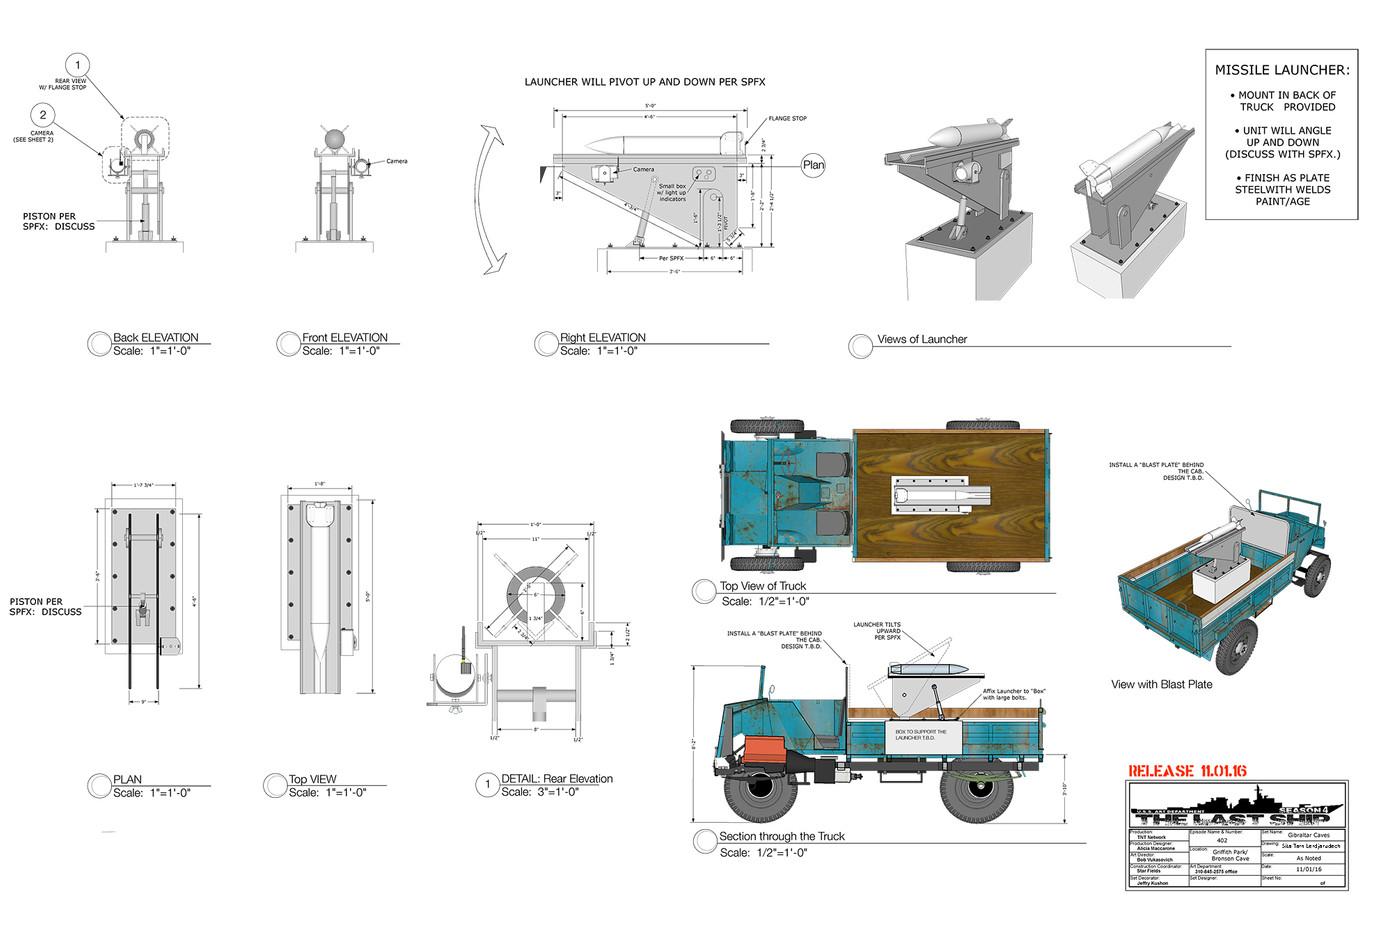 MissileLauncher-PROPS-110116.jpg